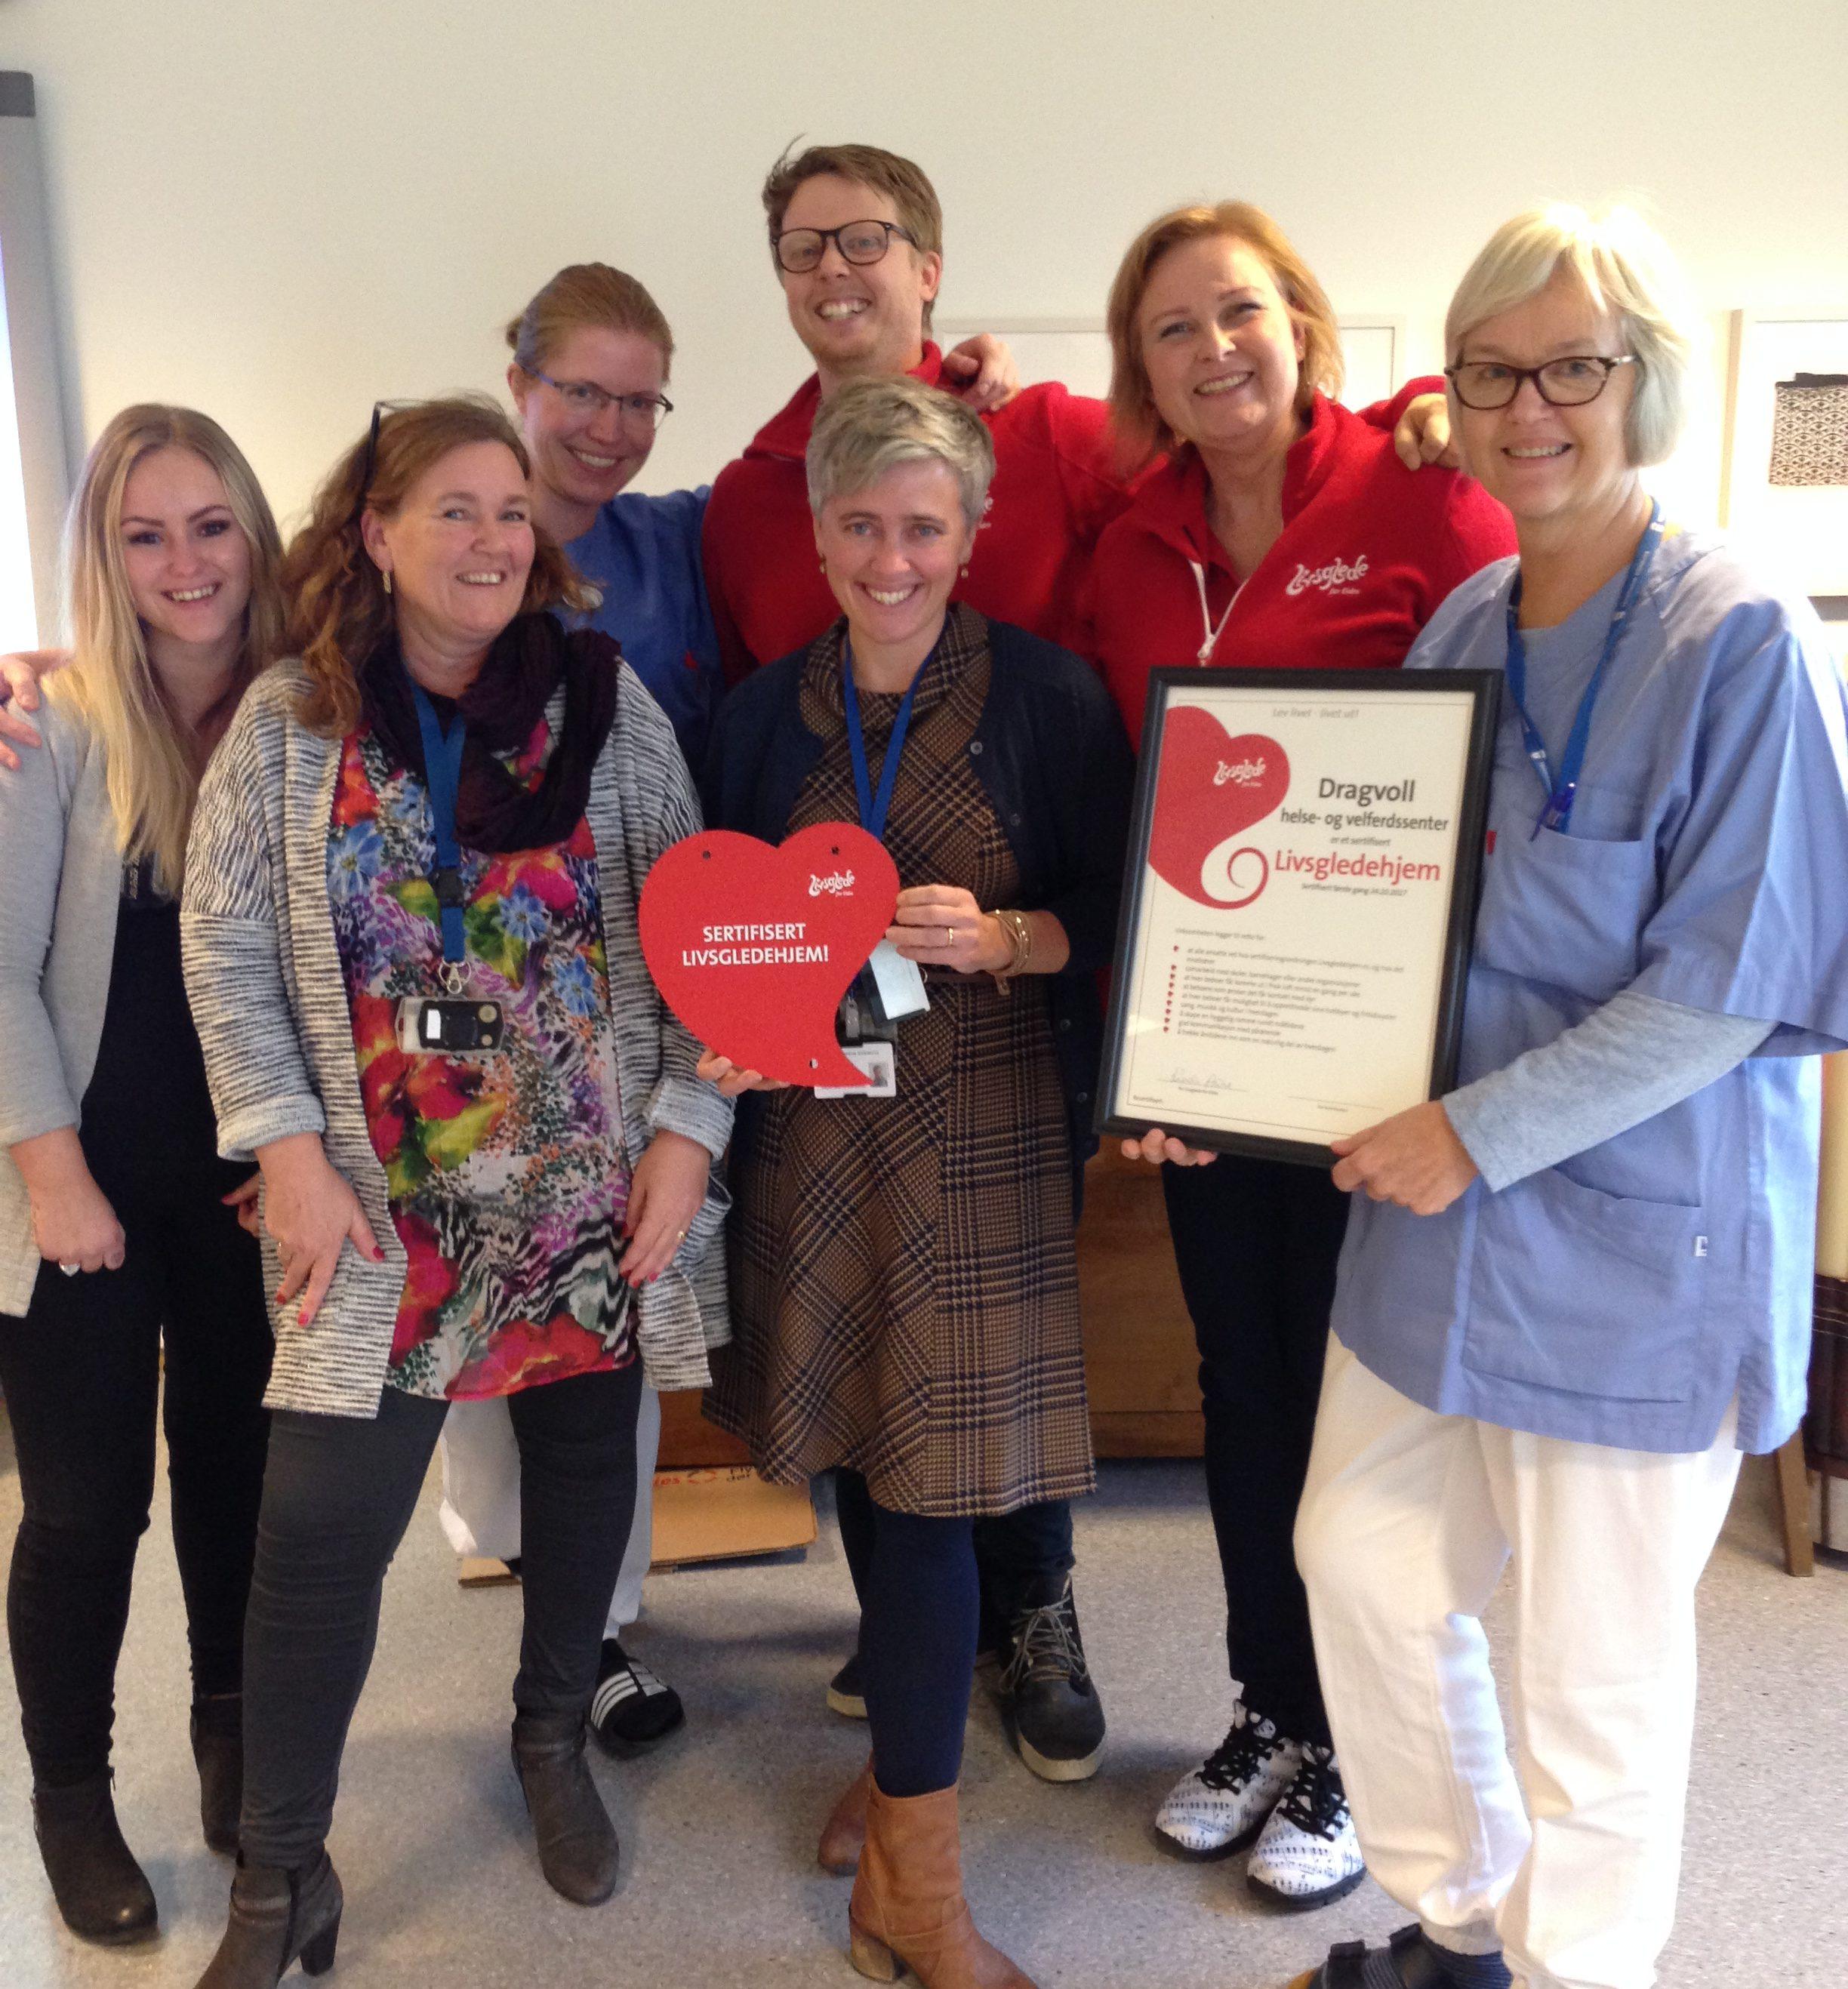 Dragvoll helse- og velferdssenter i Trondheim sertifisert som Livsgledehjem 24. oktober